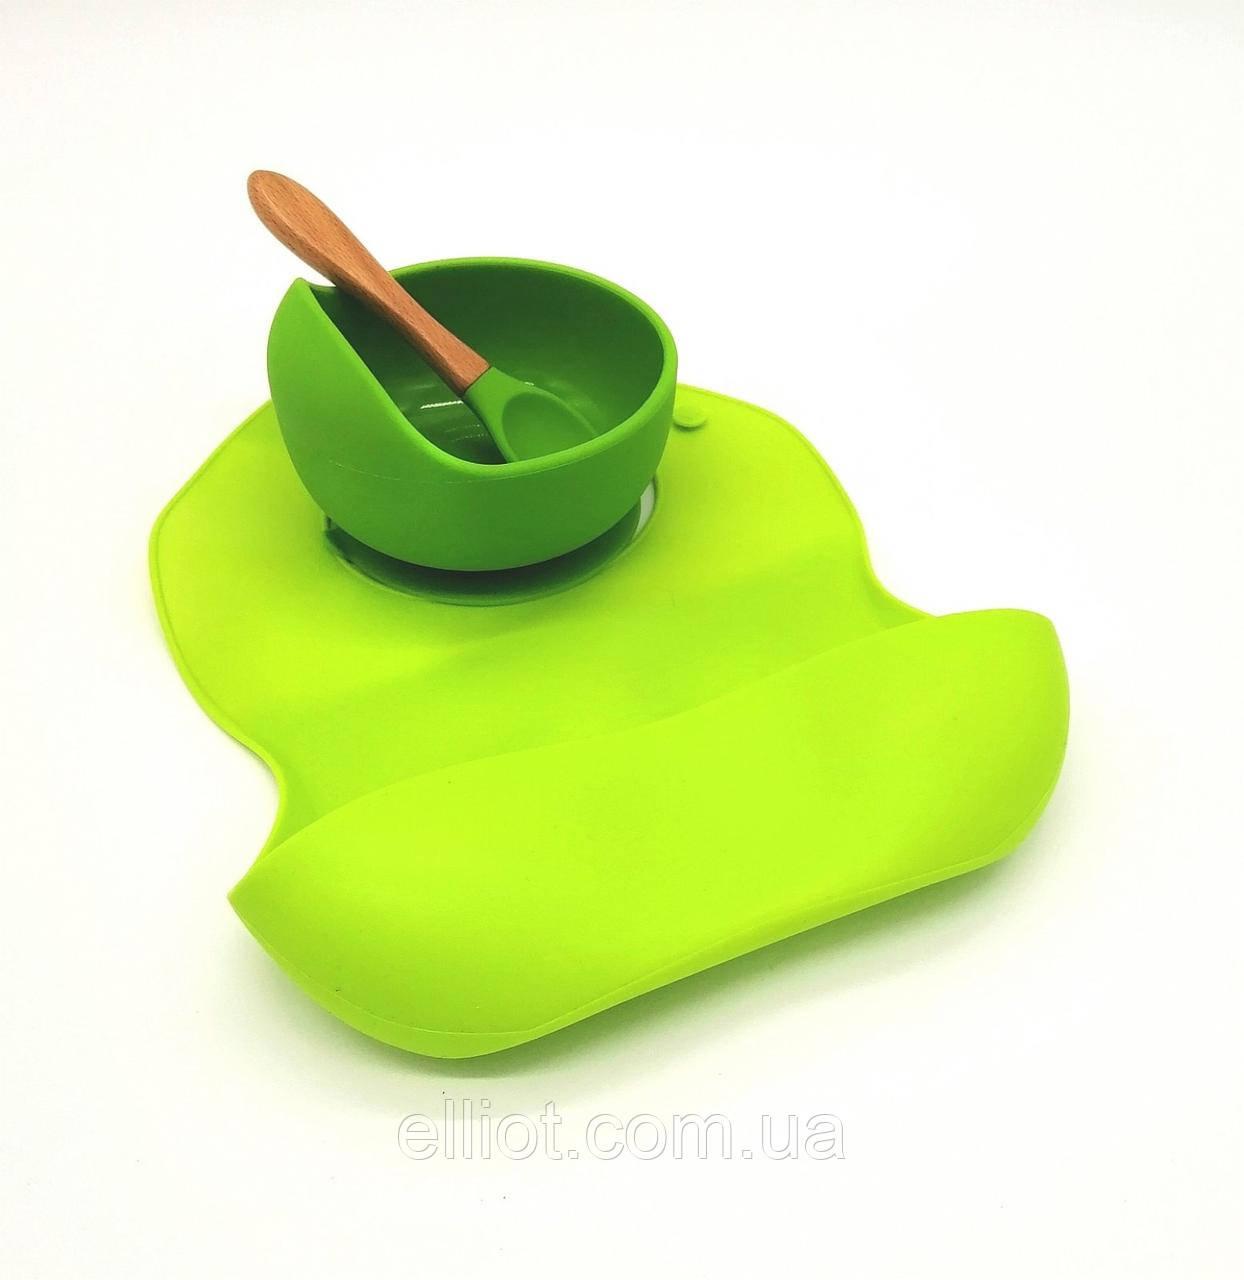 Набор Силиконовая тарелка с ложкой и слюнявчик